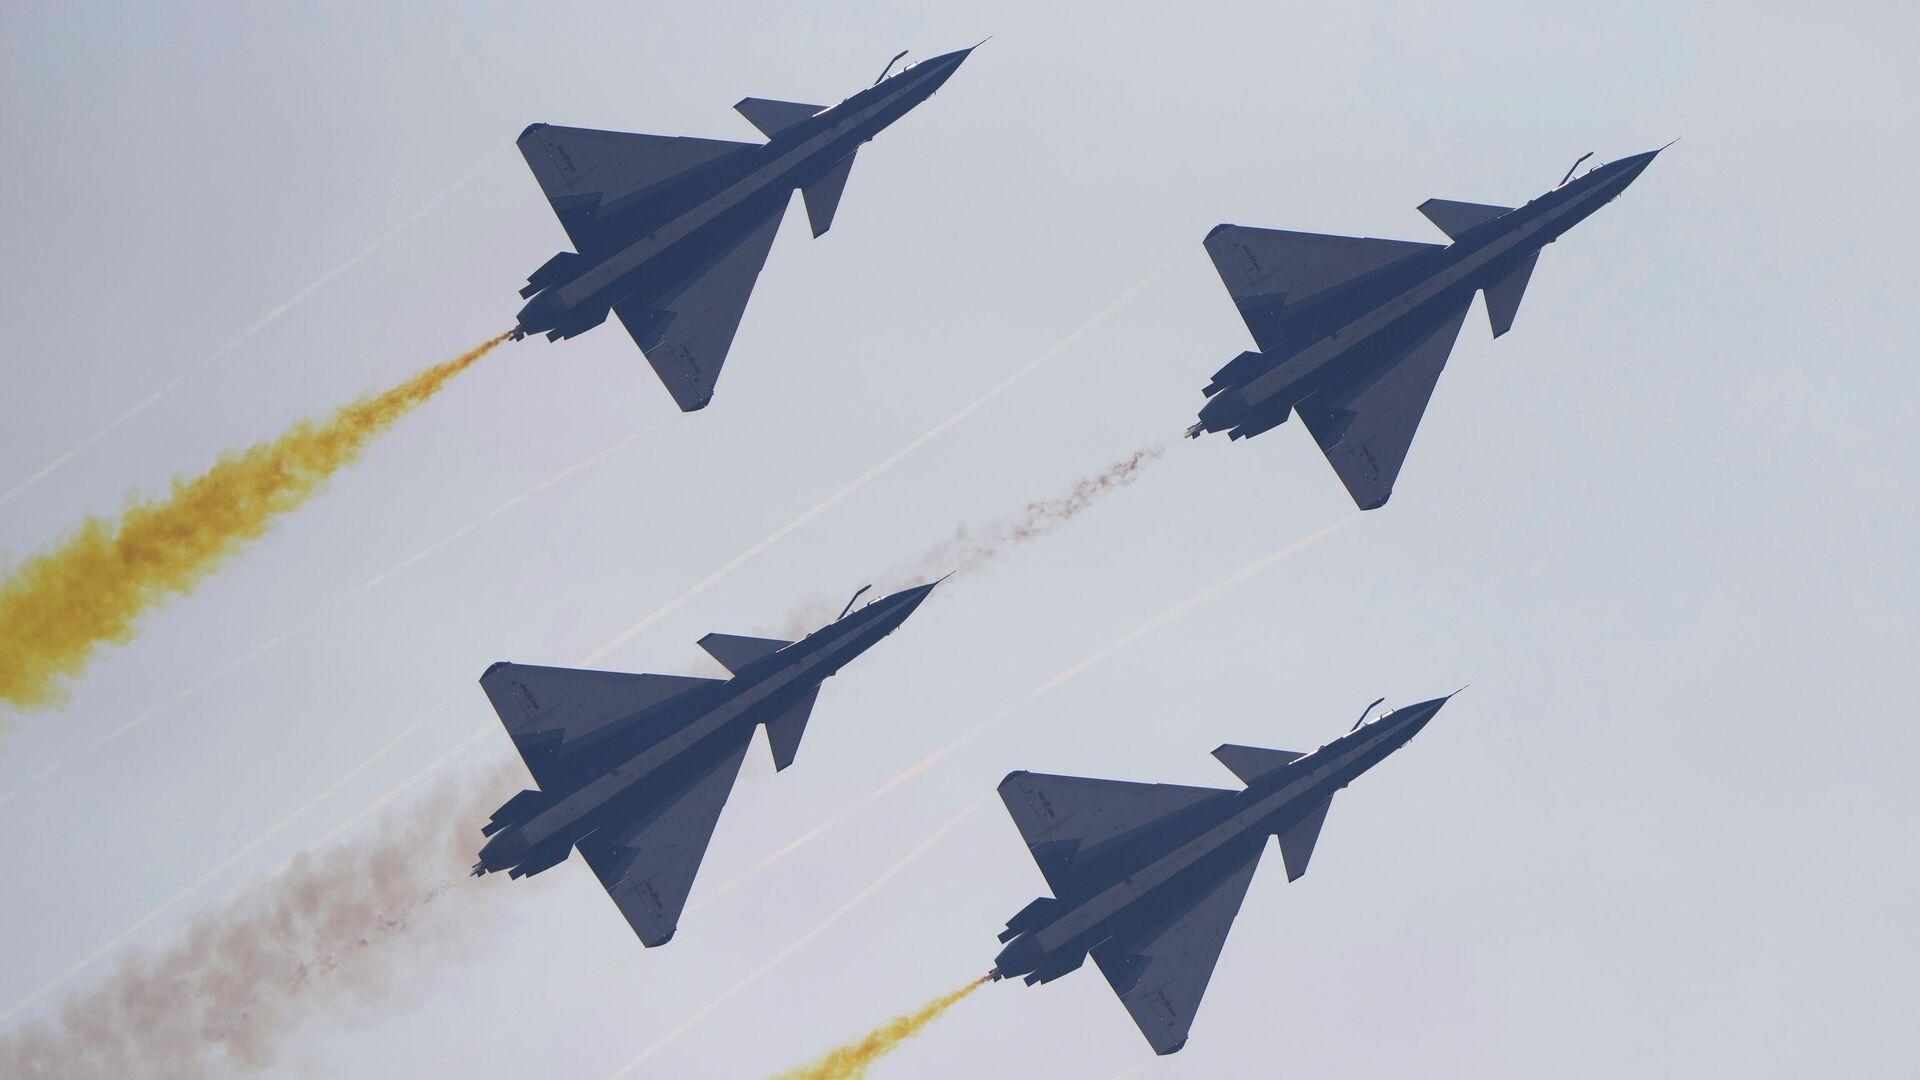 Пилотажная группа китайских ВВС - РИА Новости, 1920, 03.10.2021